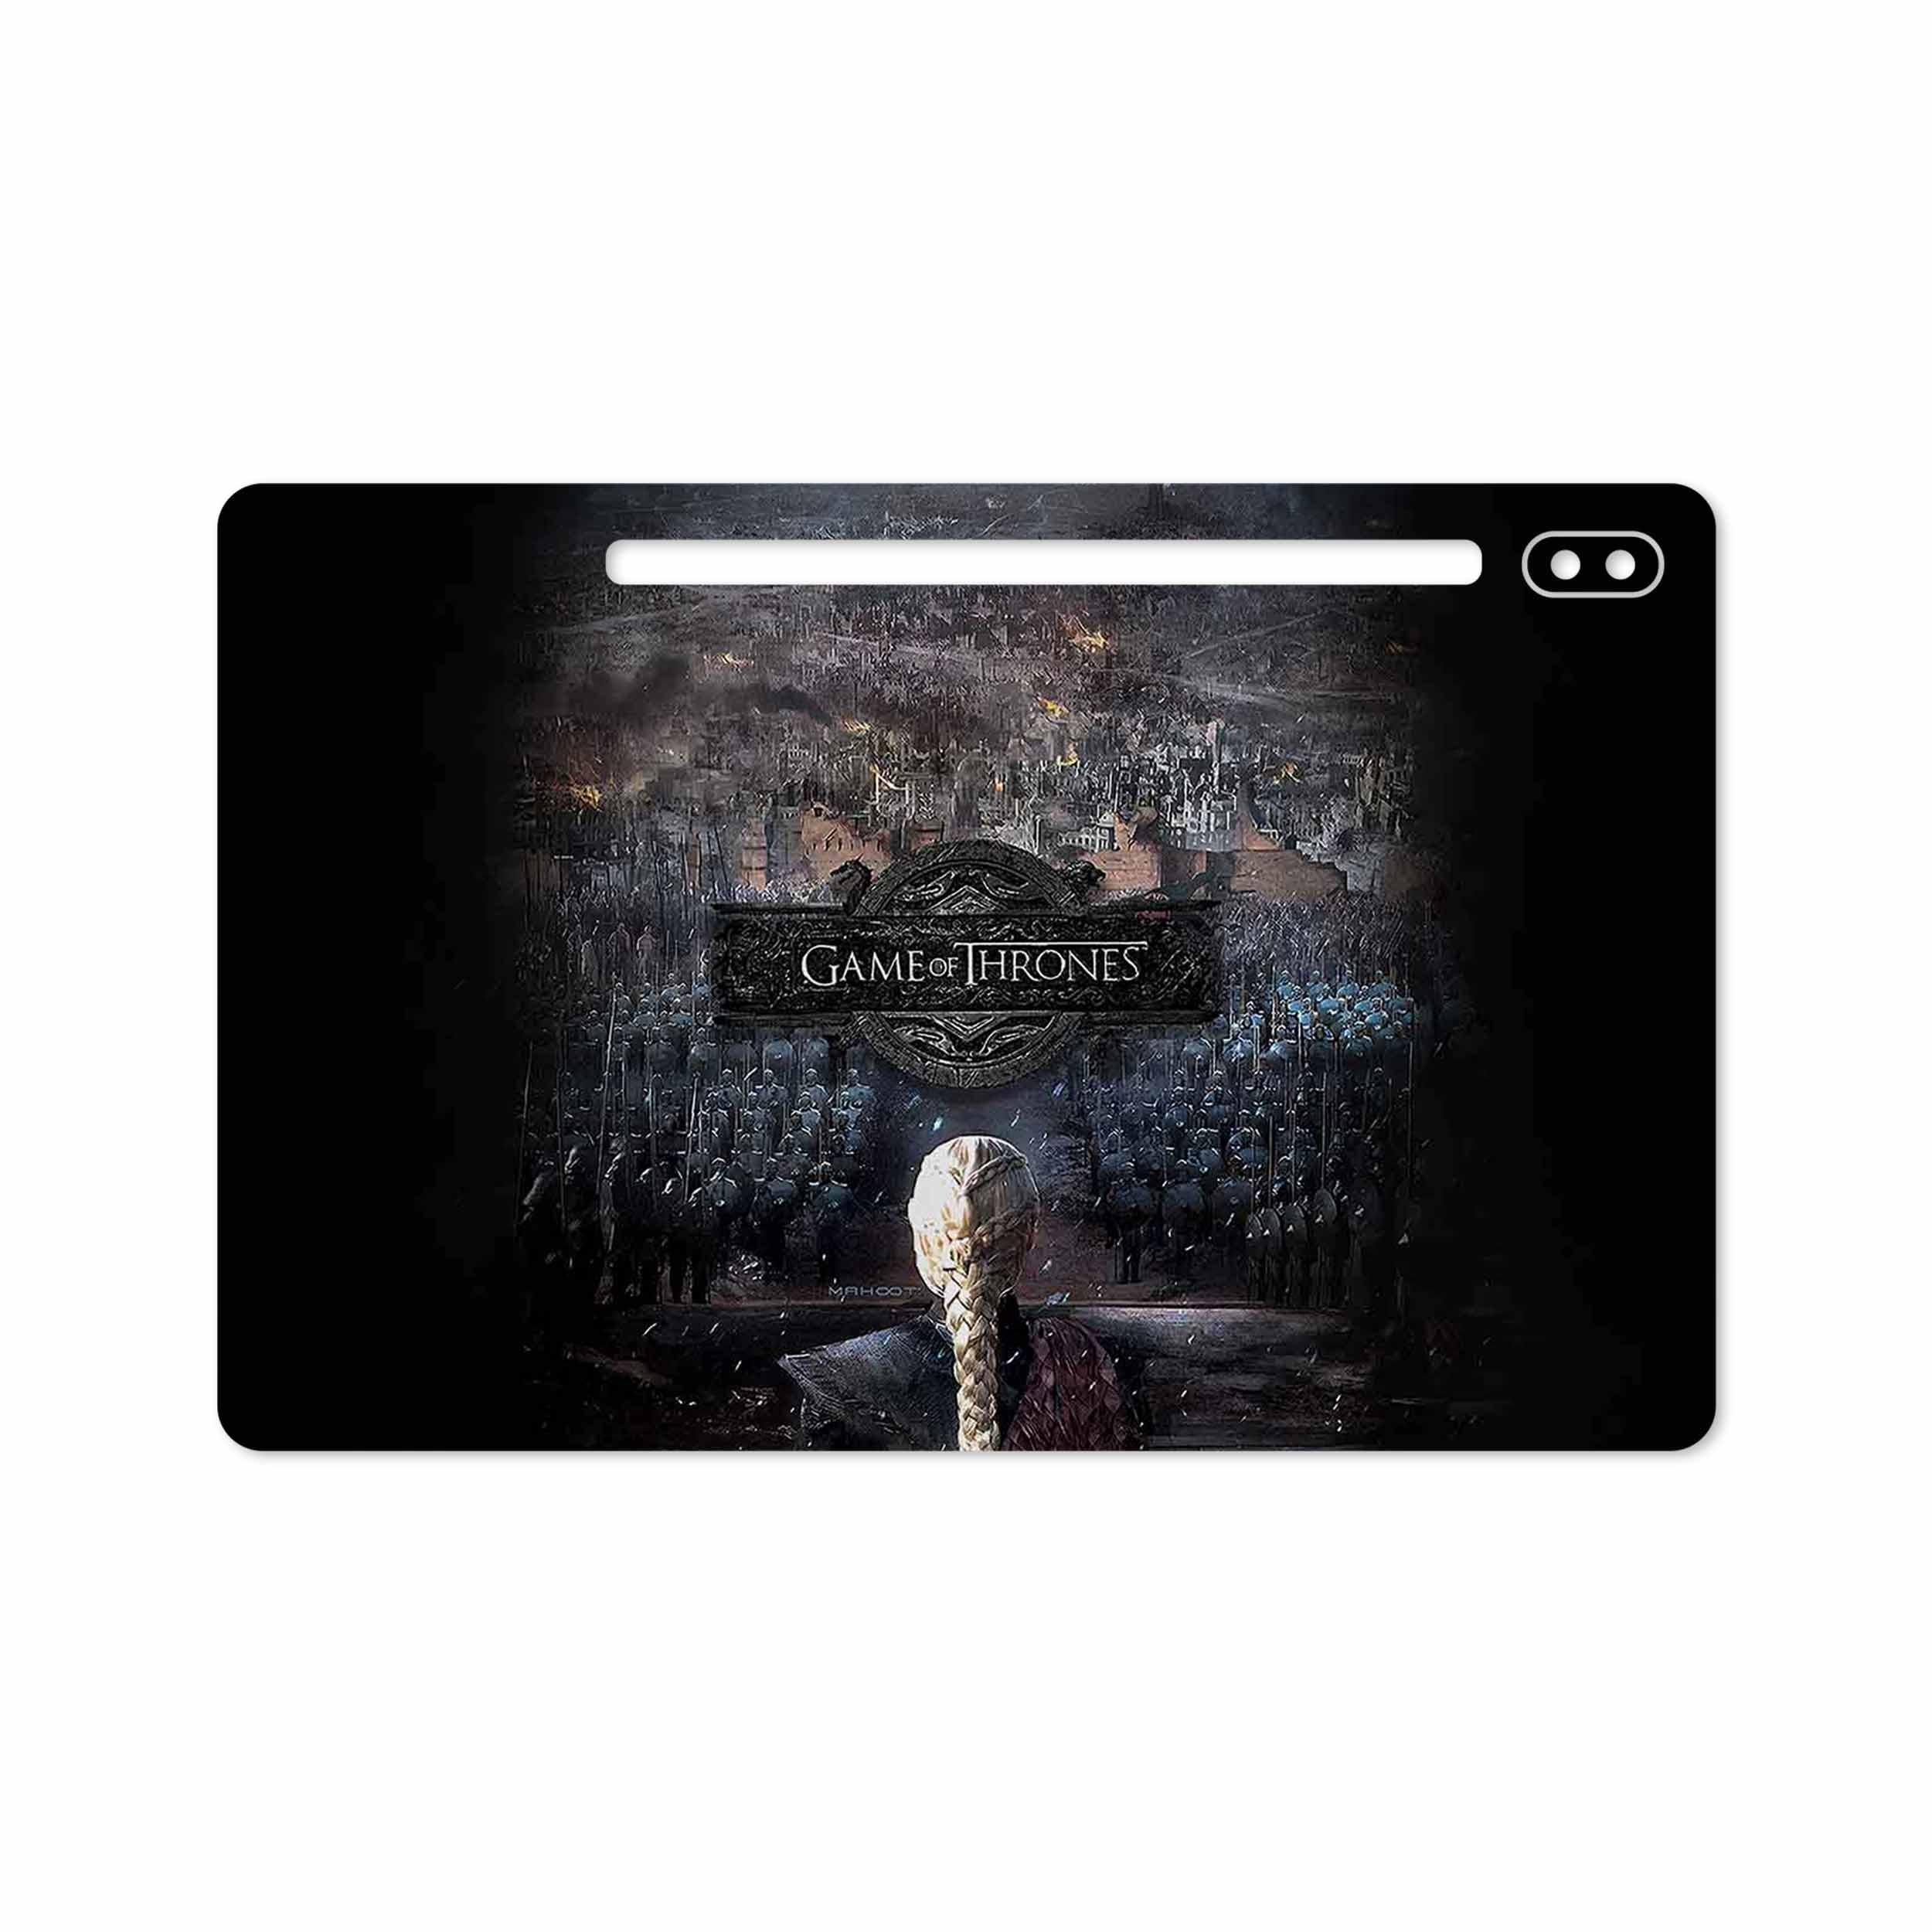 بررسی و خرید [با تخفیف]                                     برچسب پوششی ماهوت مدل Game of Thrones مناسب برای تبلت سامسونگ Galaxy Tab S6 2019 SM-T865                             اورجینال